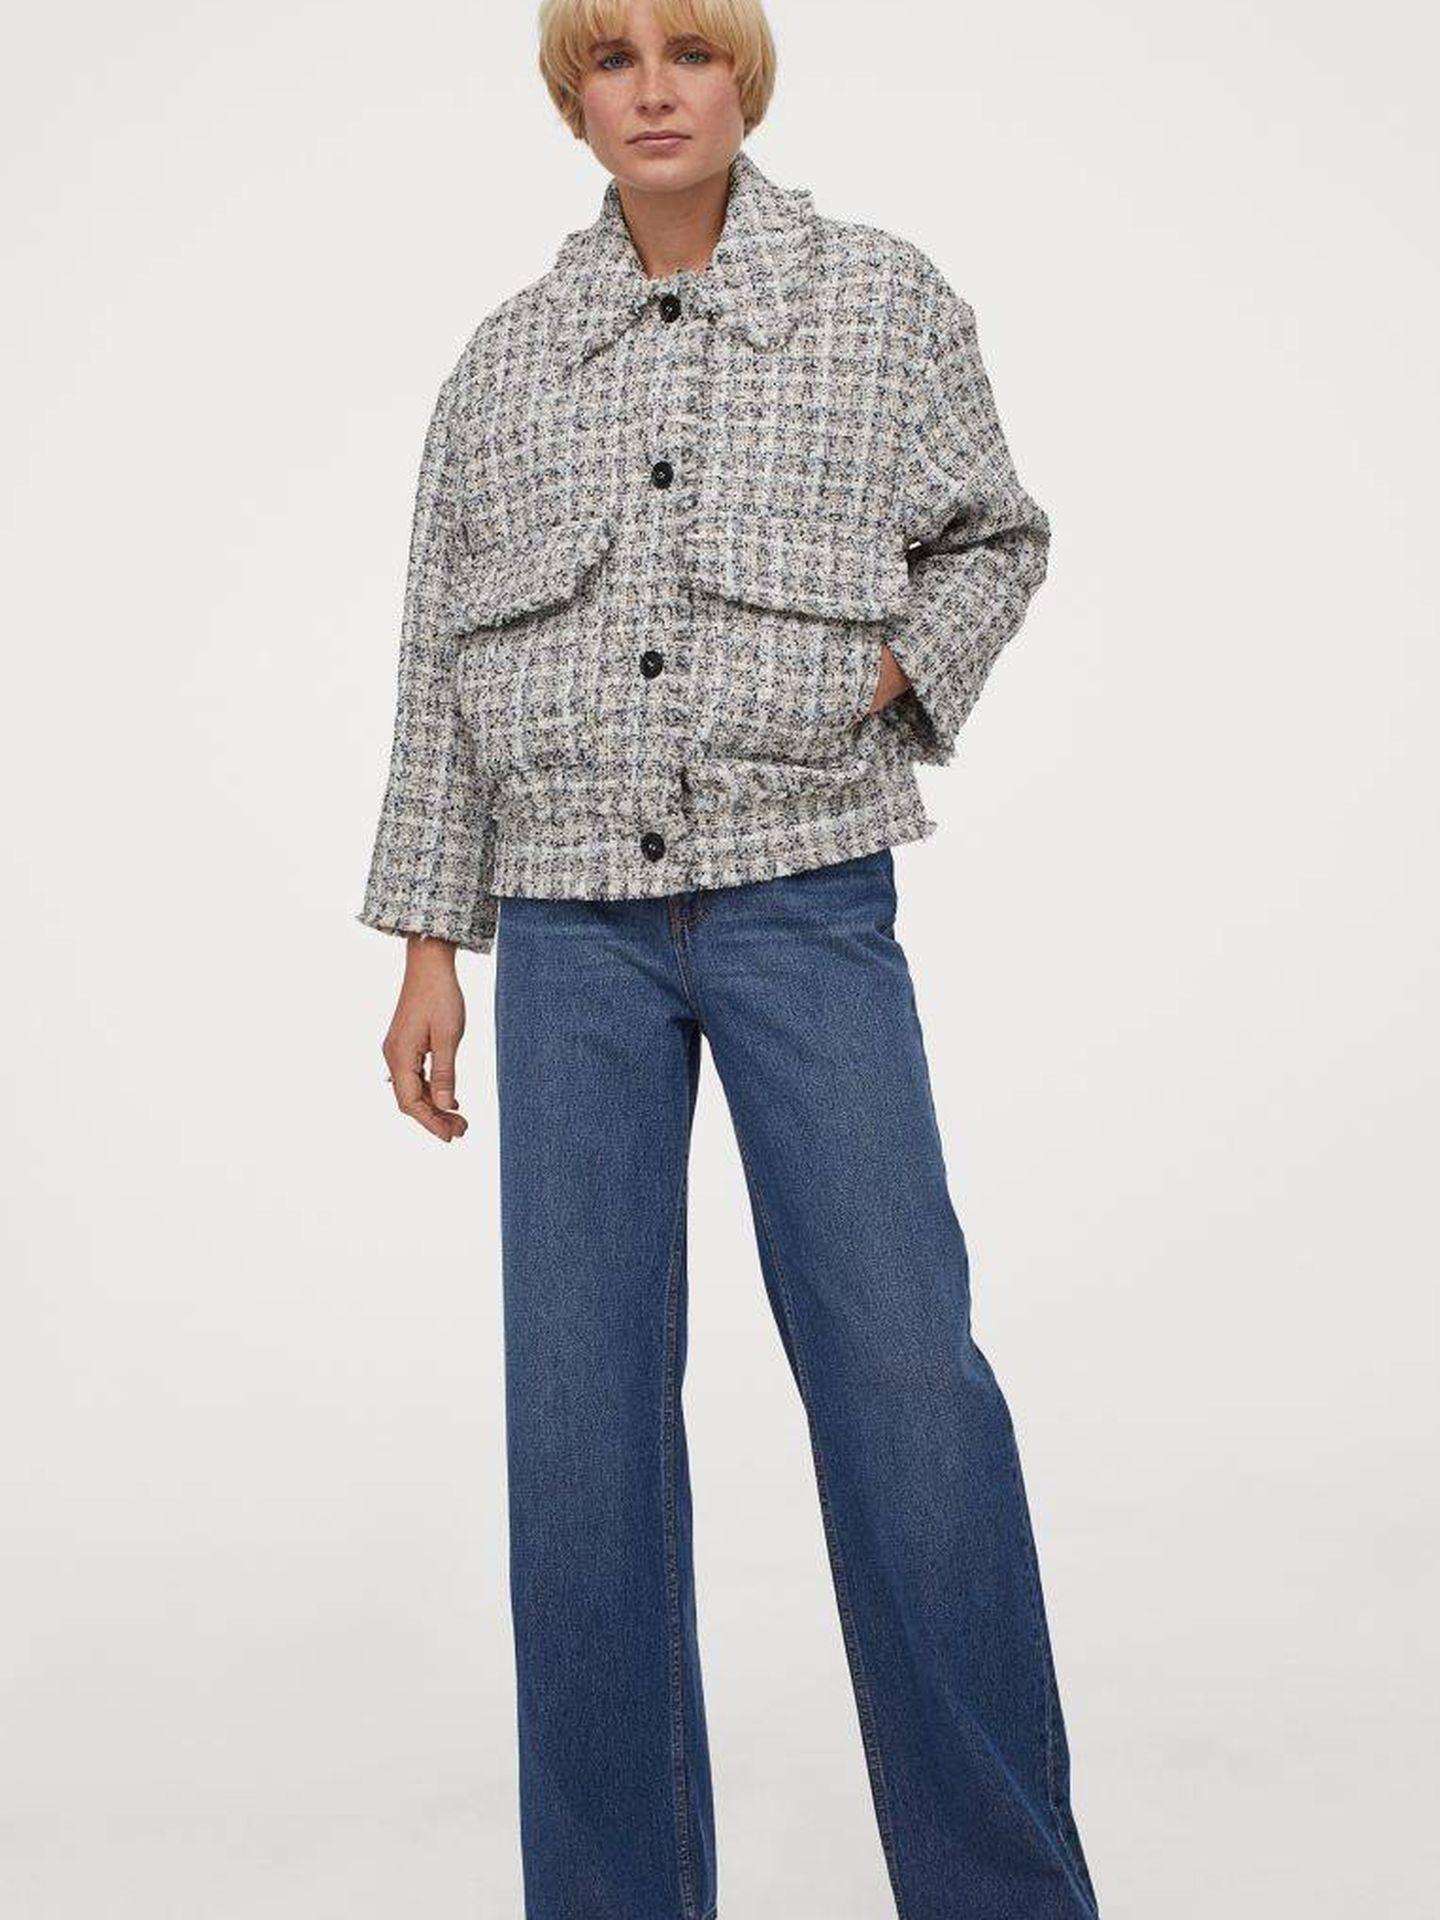 La chaqueta de tweed de HyM. (Cortesía)